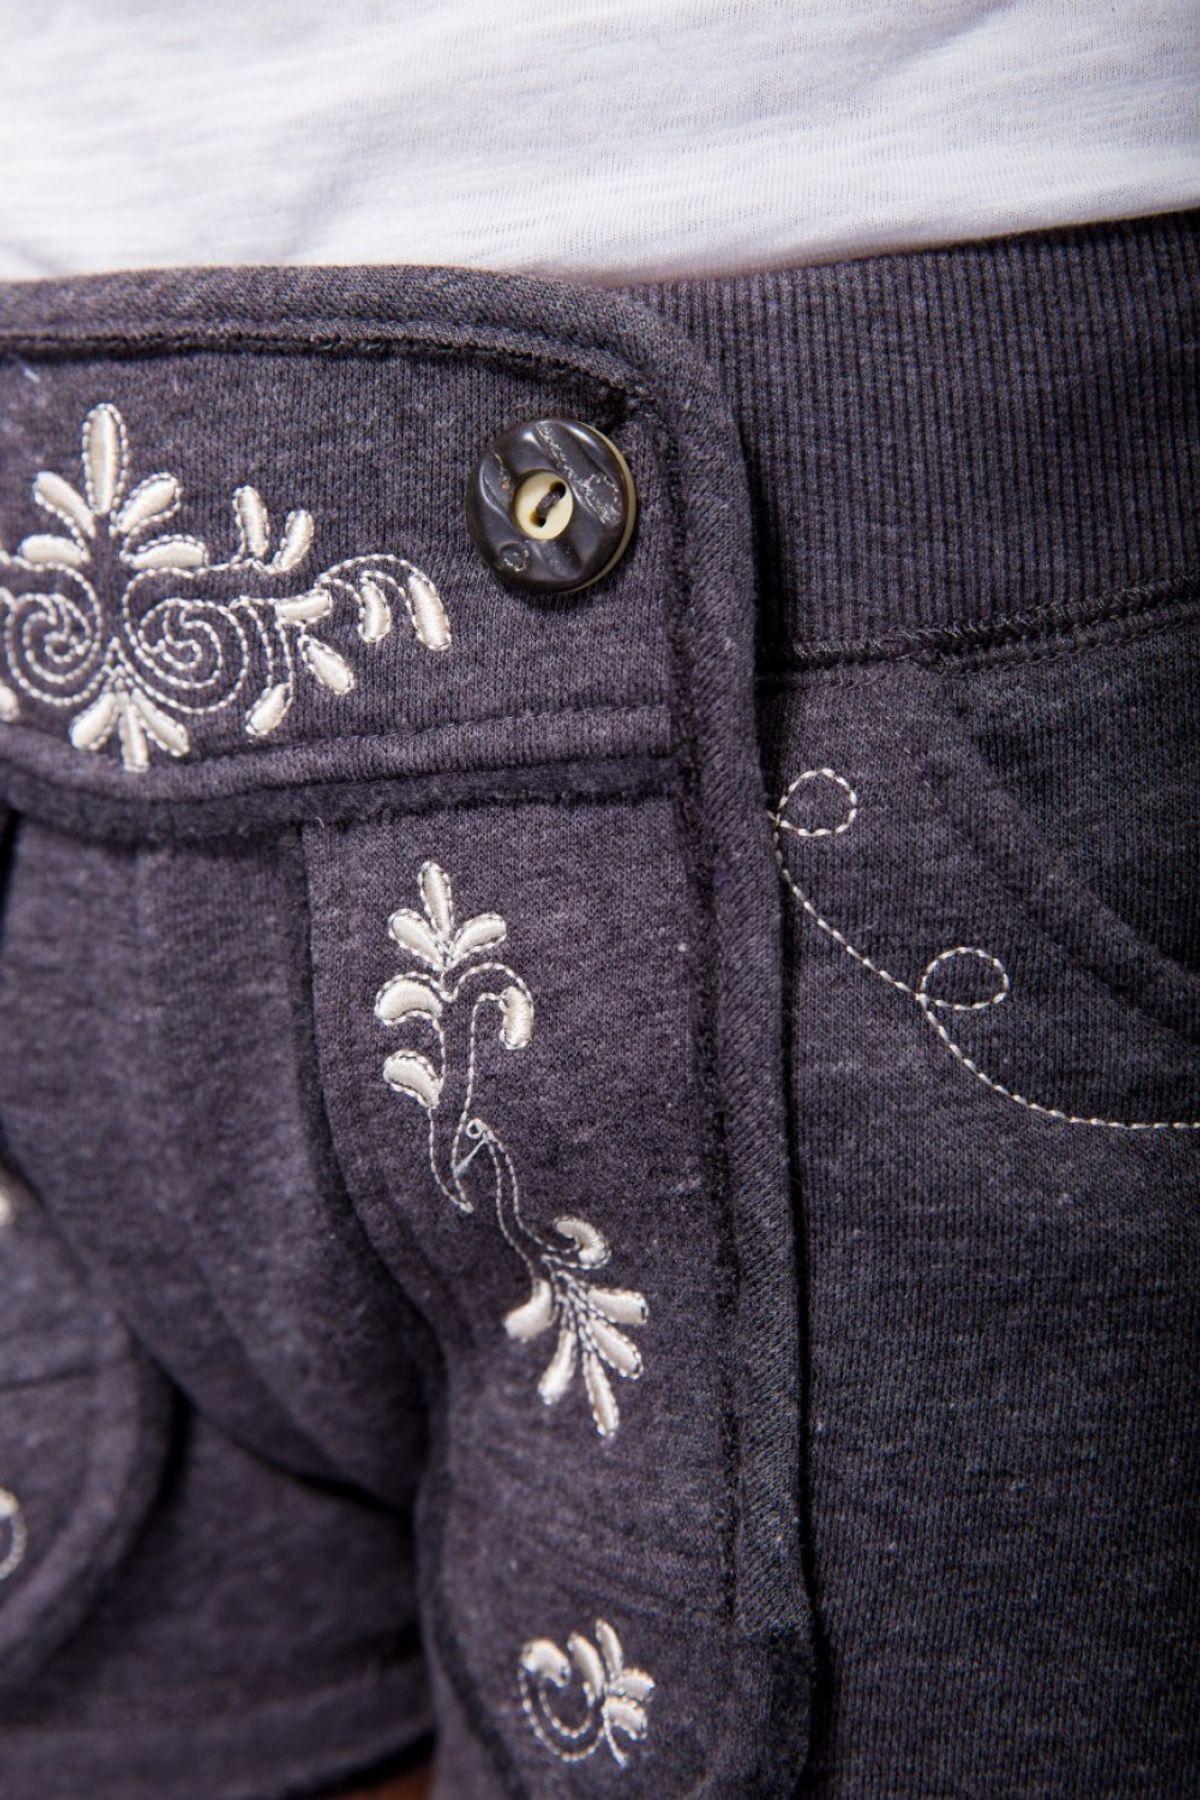 Krüger - Damen Trachtenhose im Lederhosen-Look in Grau, Chill-Zone (Artikelnummer: 38305-44) – Bild 3